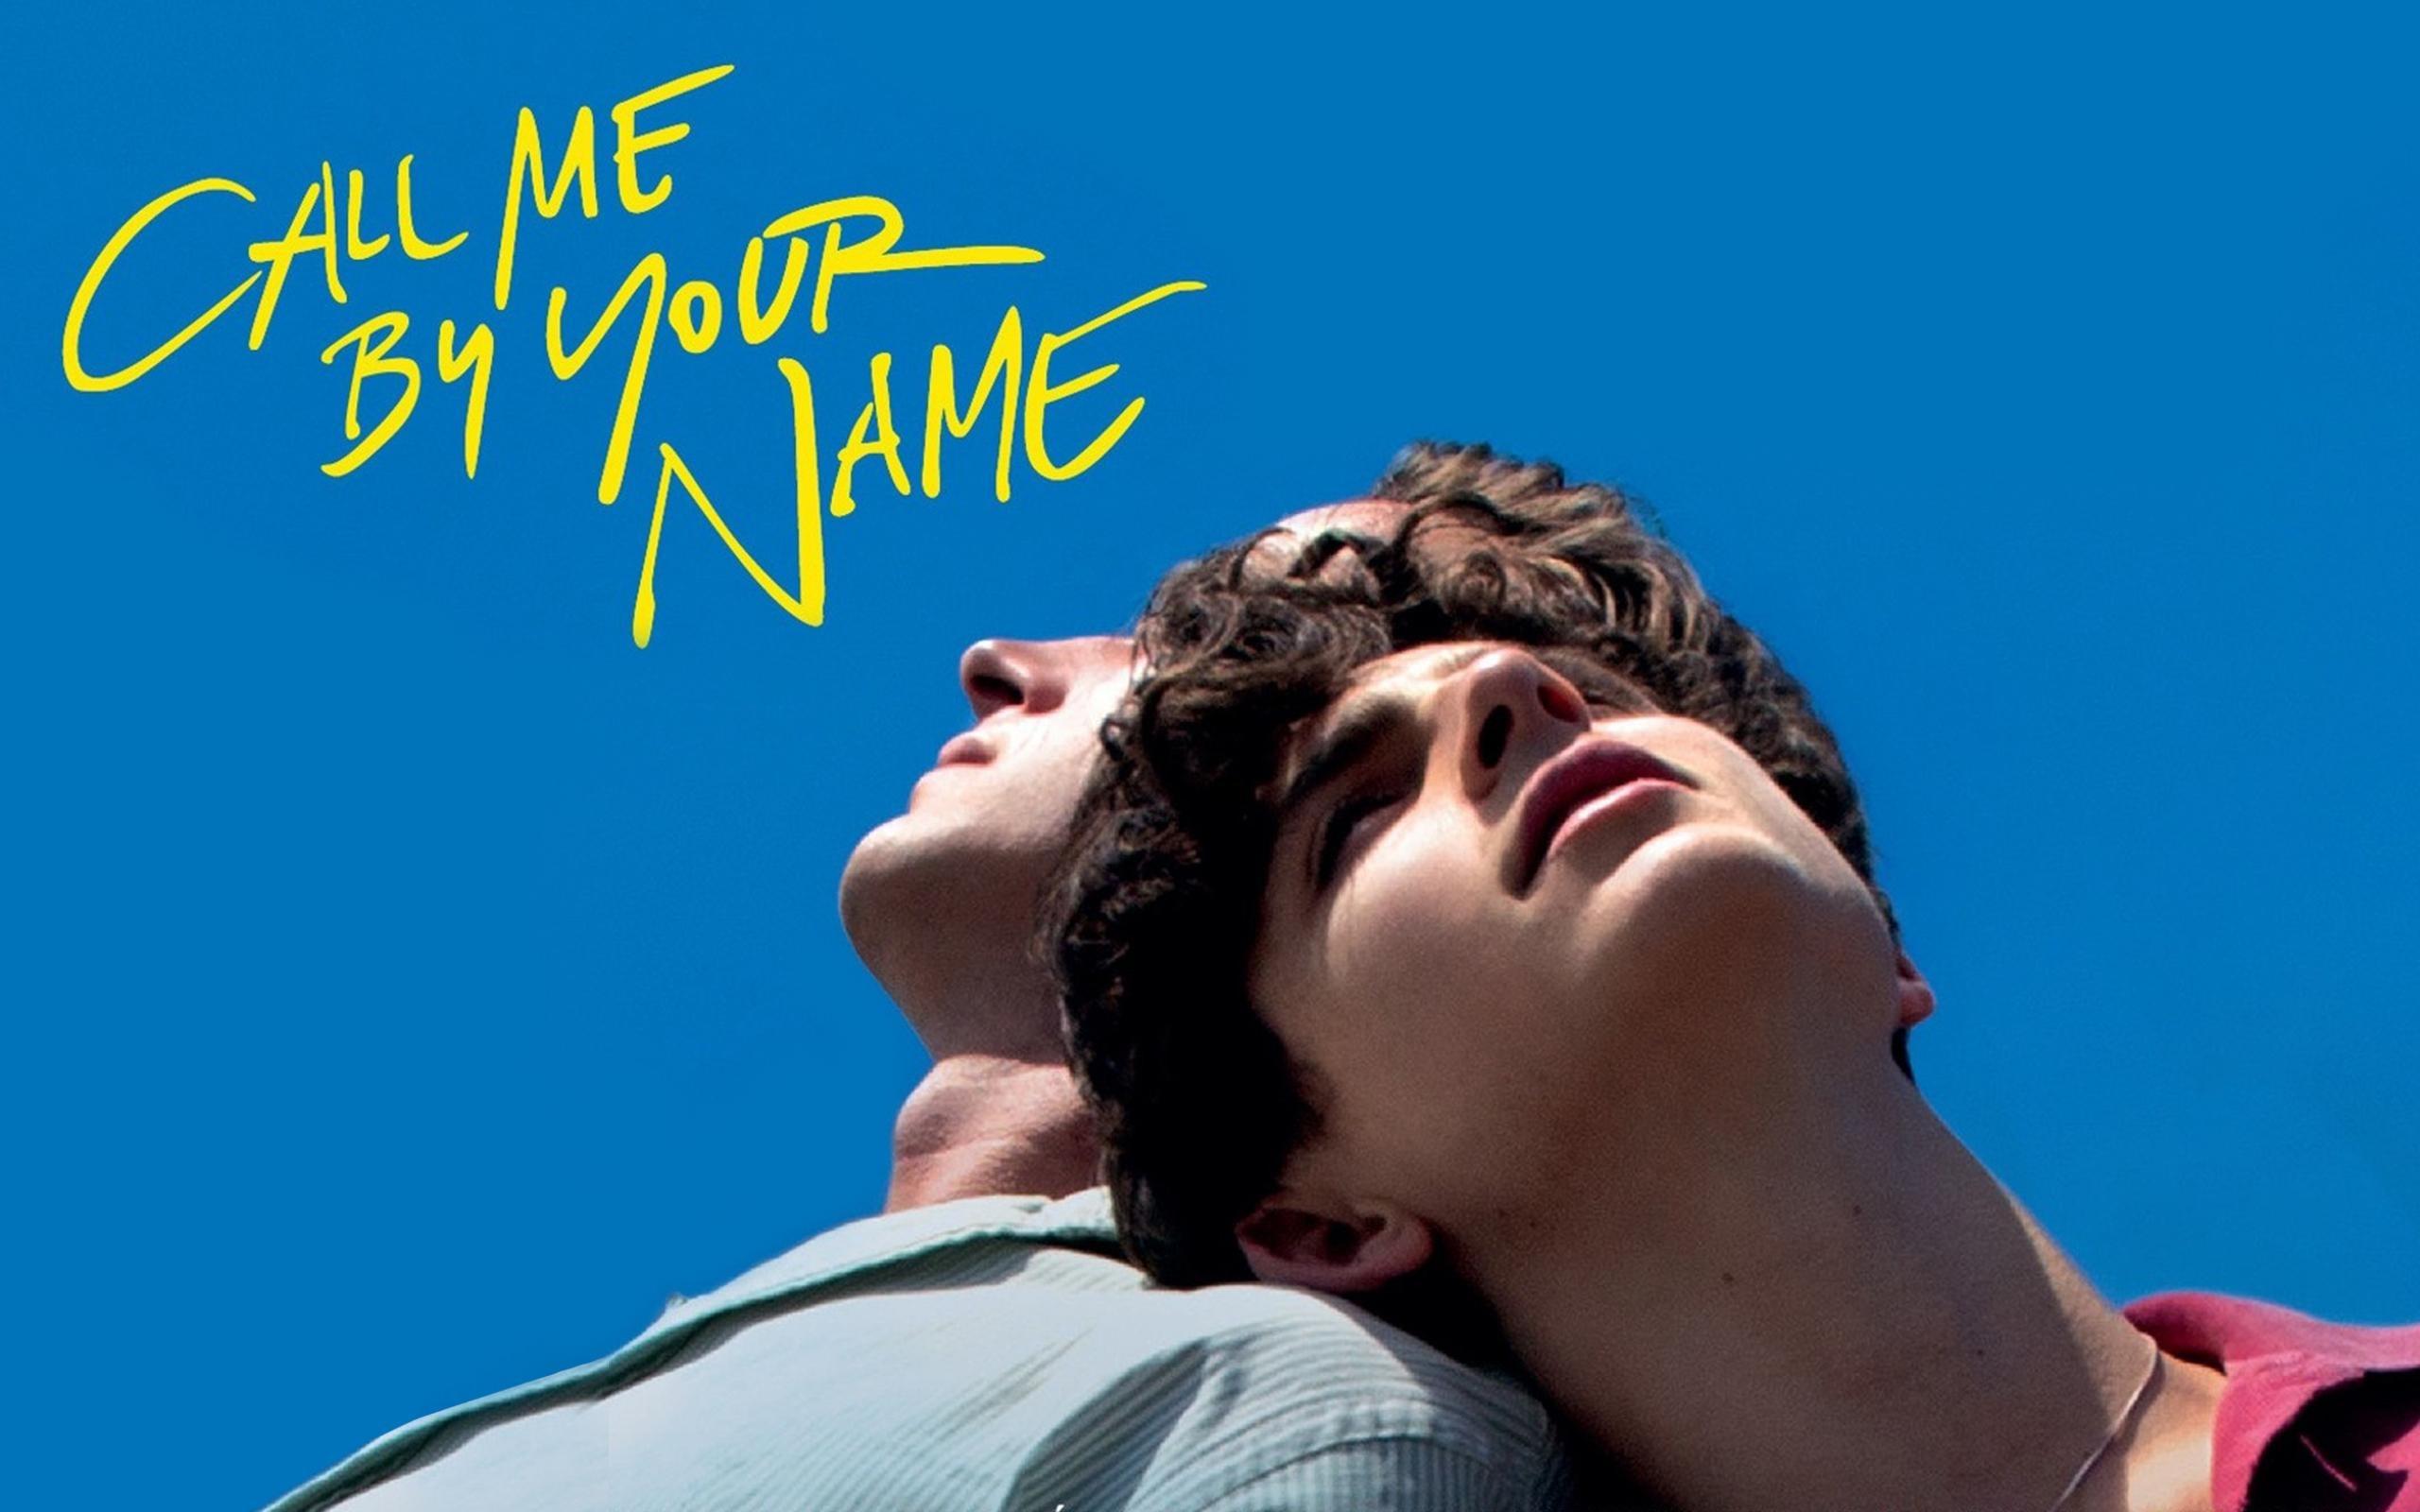 i made call meyour name desktop wallpaper : callmebyyourname